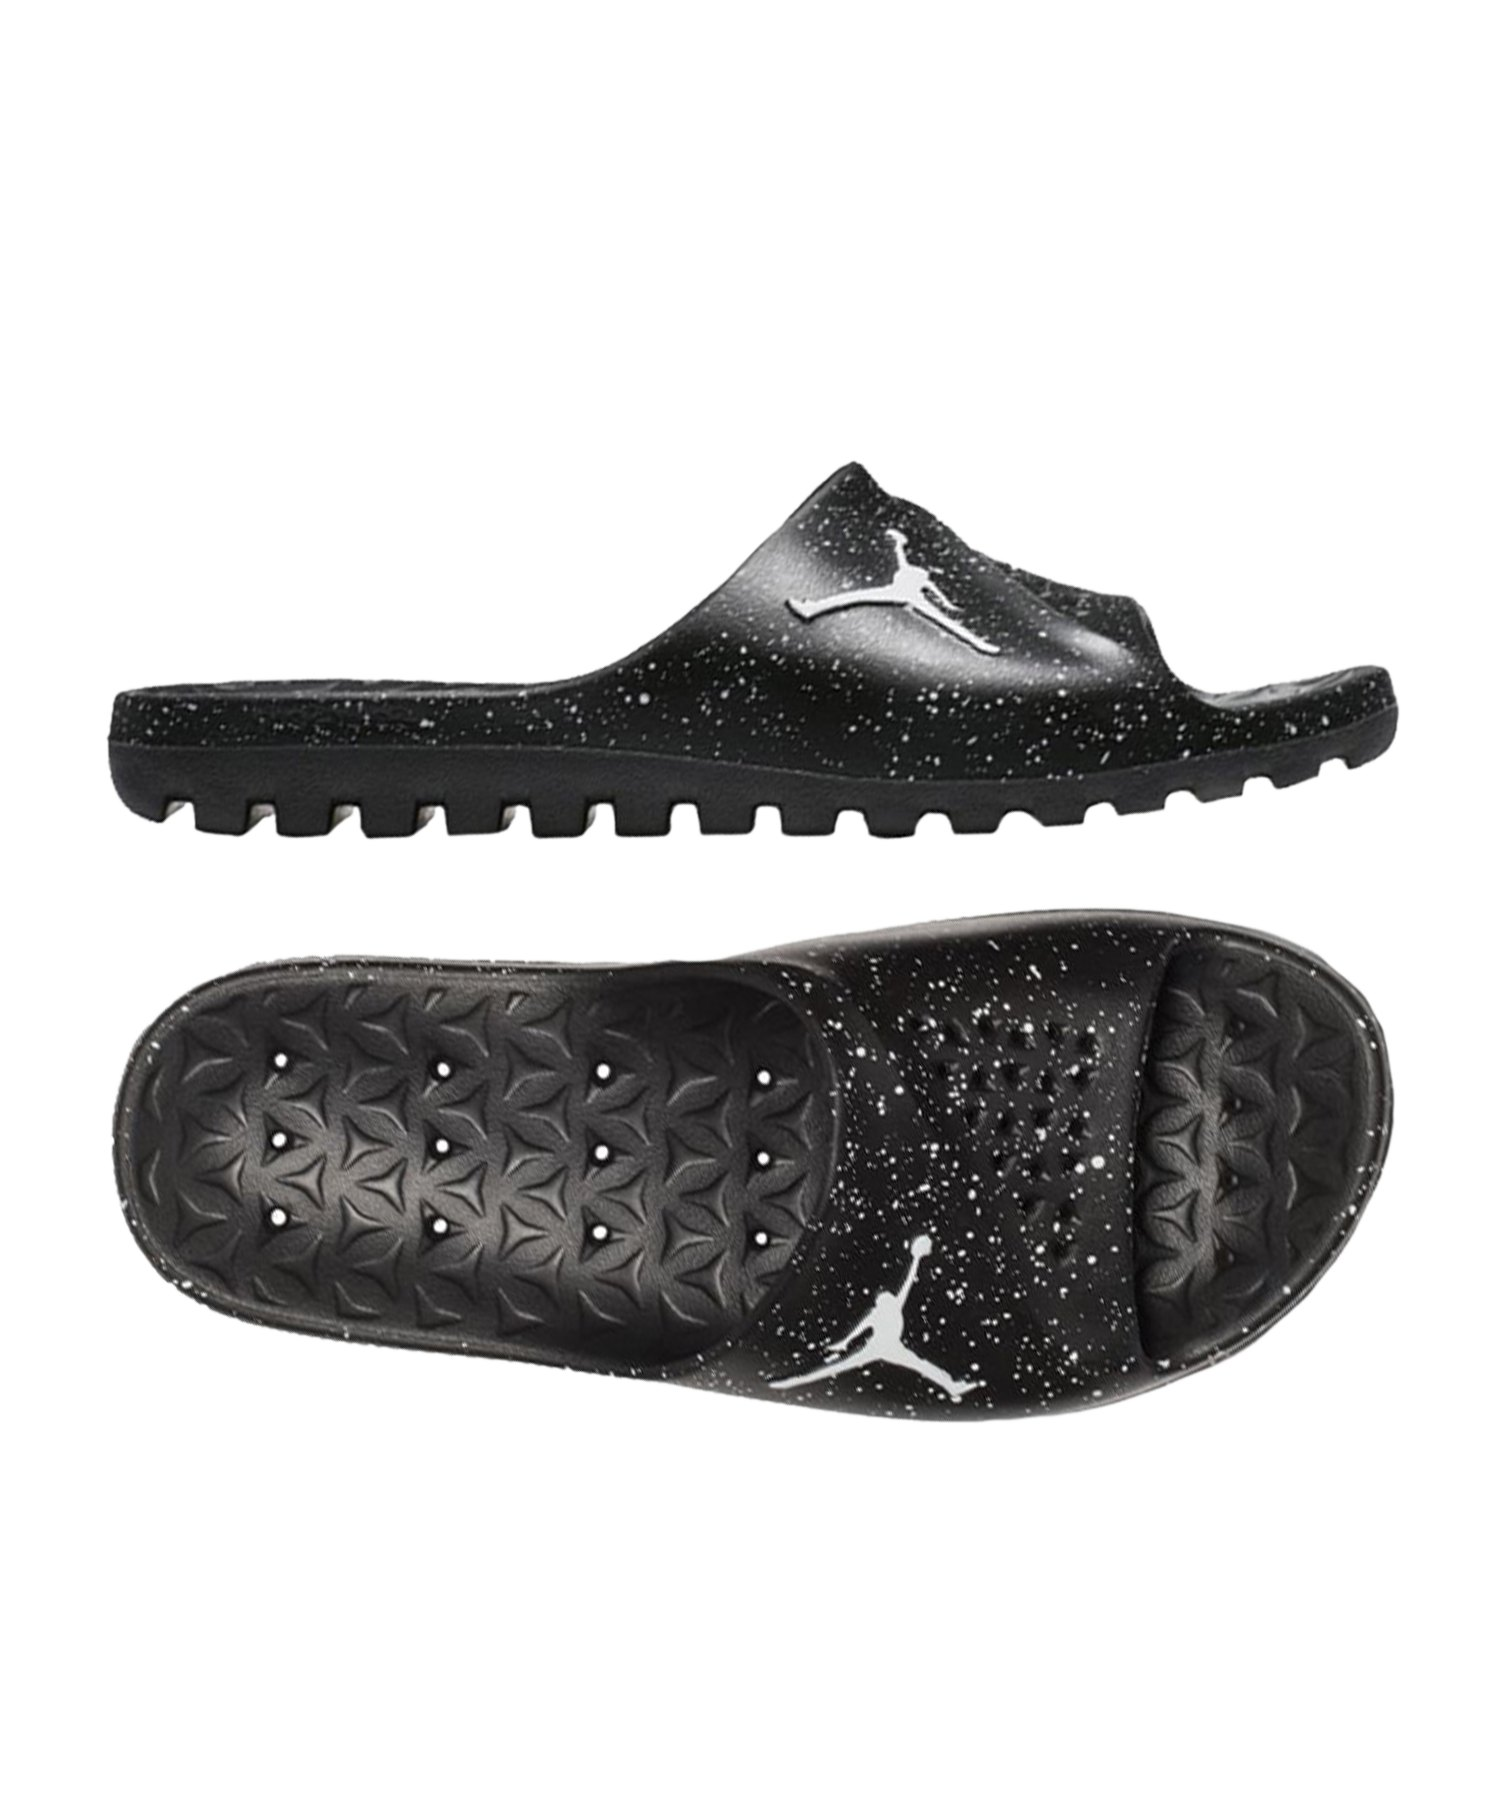 2018 Die beliebtesten Herren Schuhe Nike Jordan SUPER.FLY